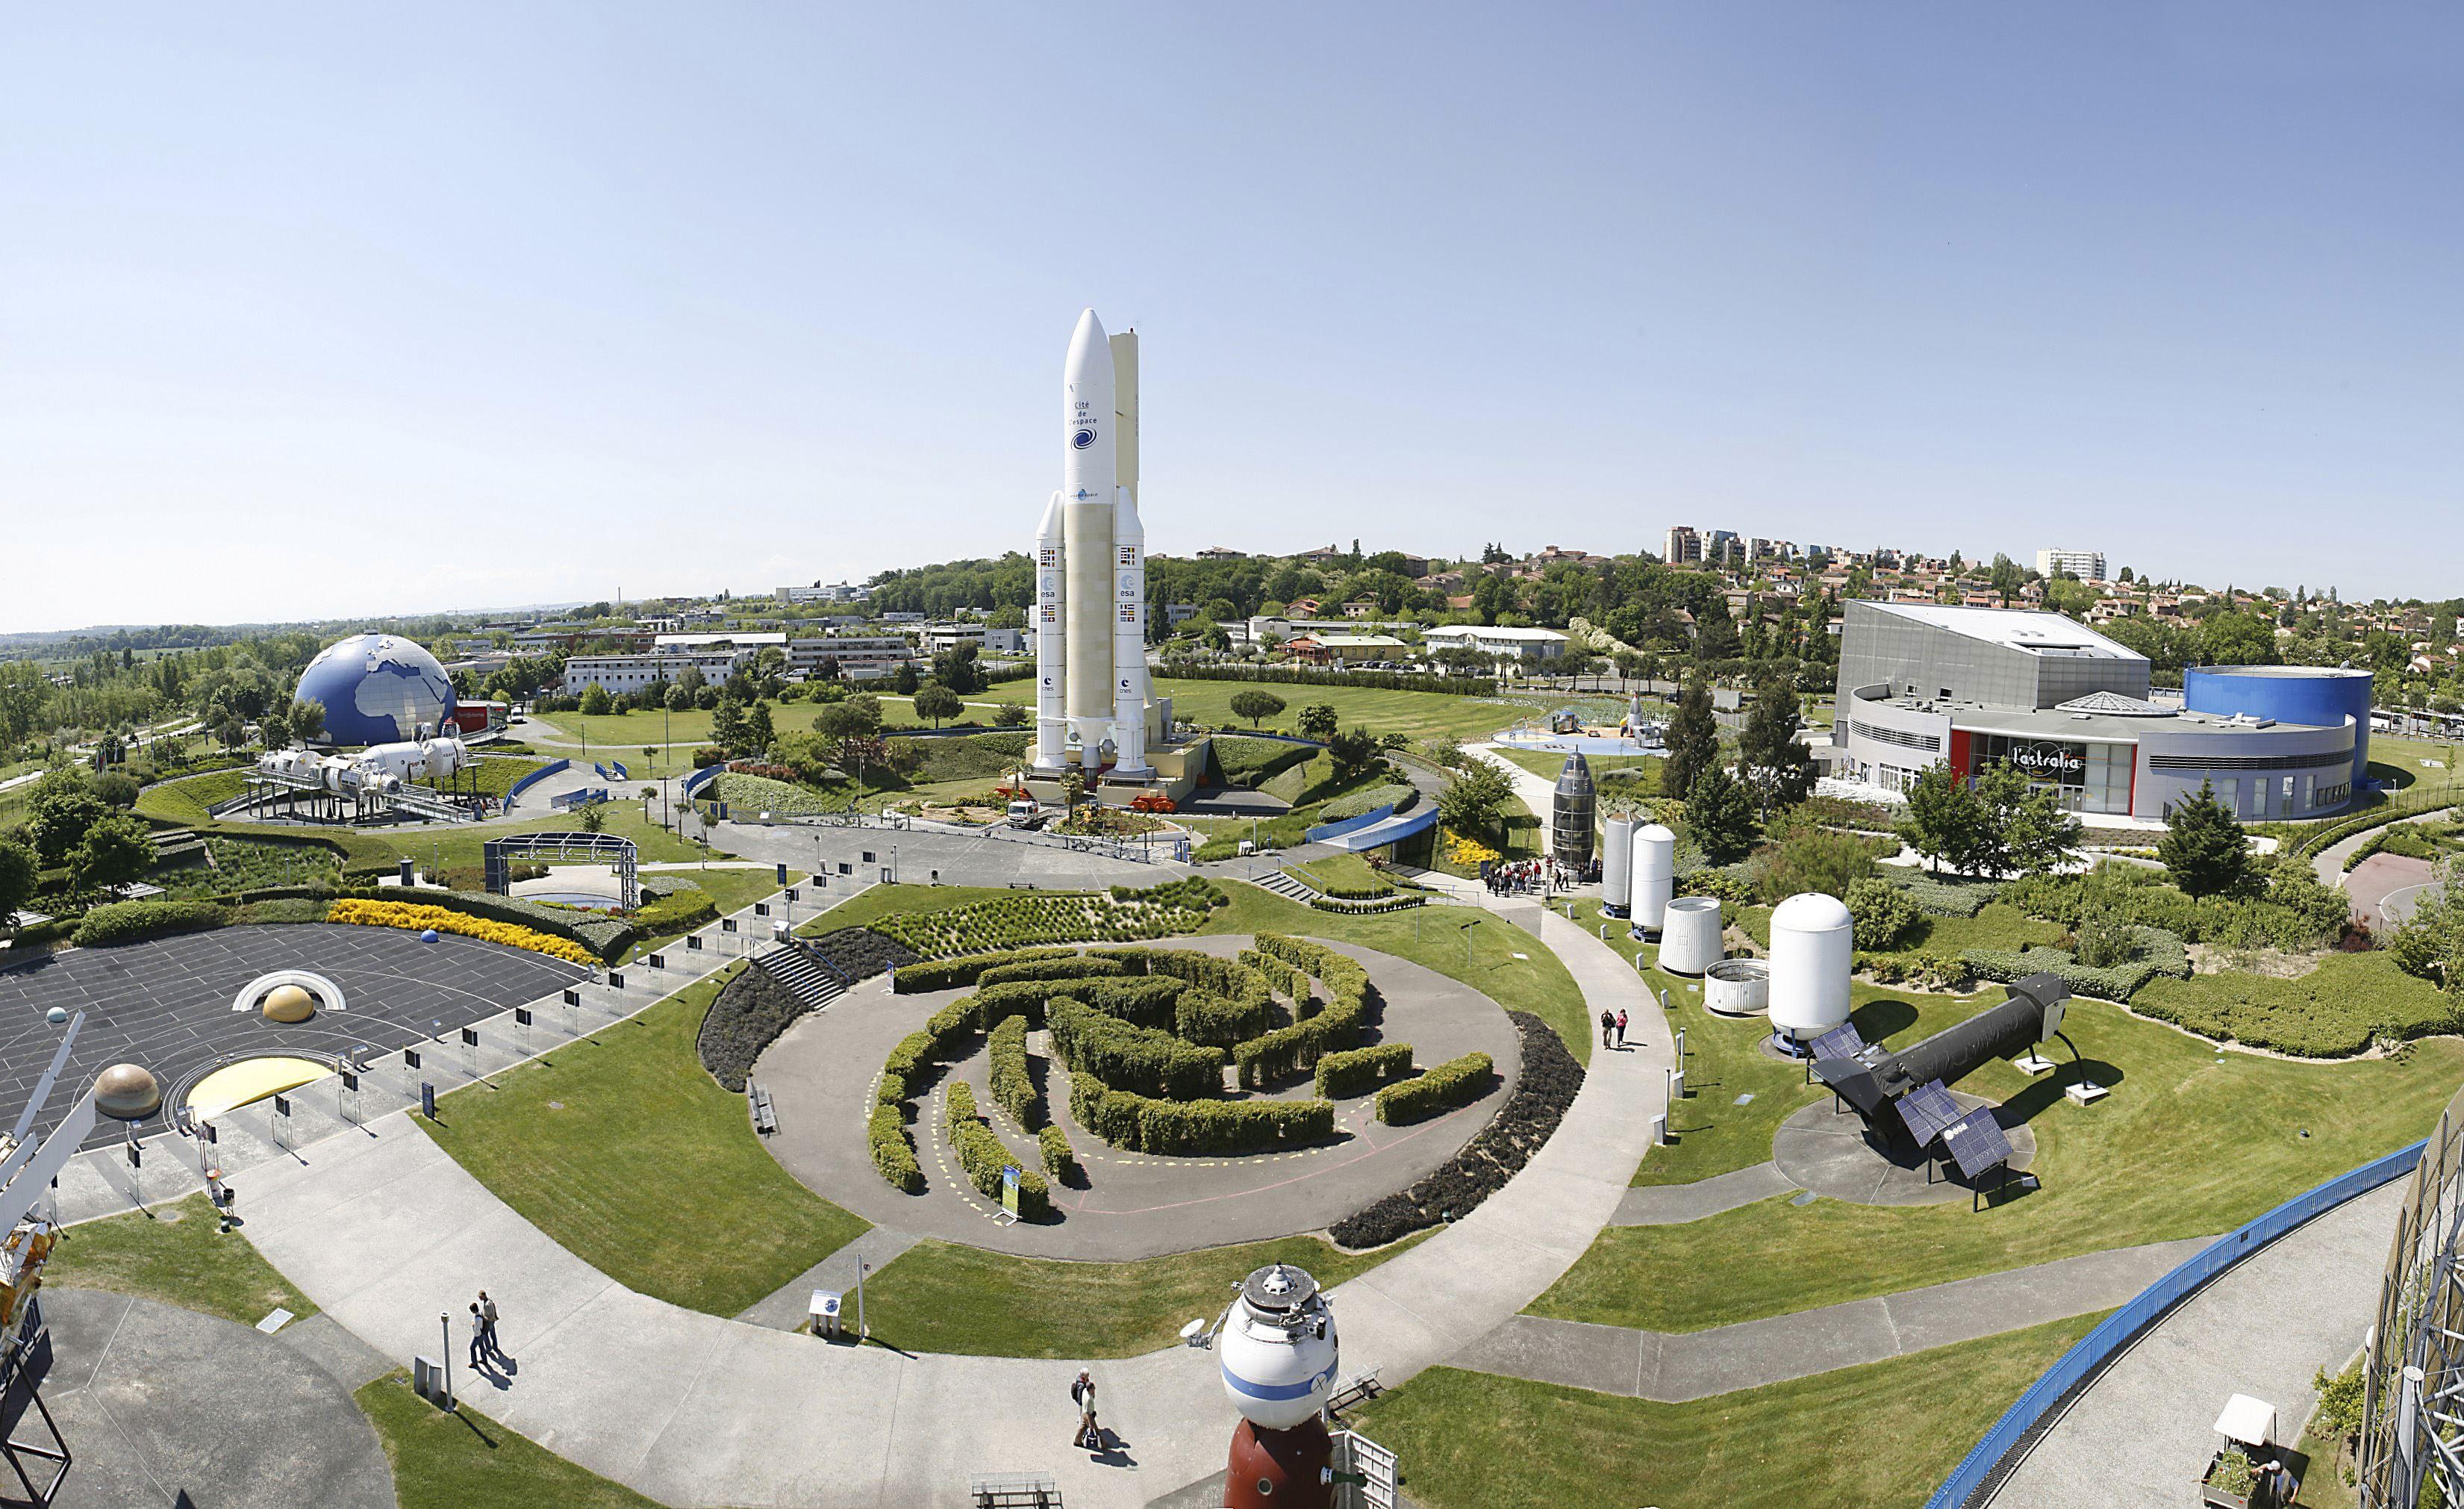 Weltraumstadt Cité de l'espace